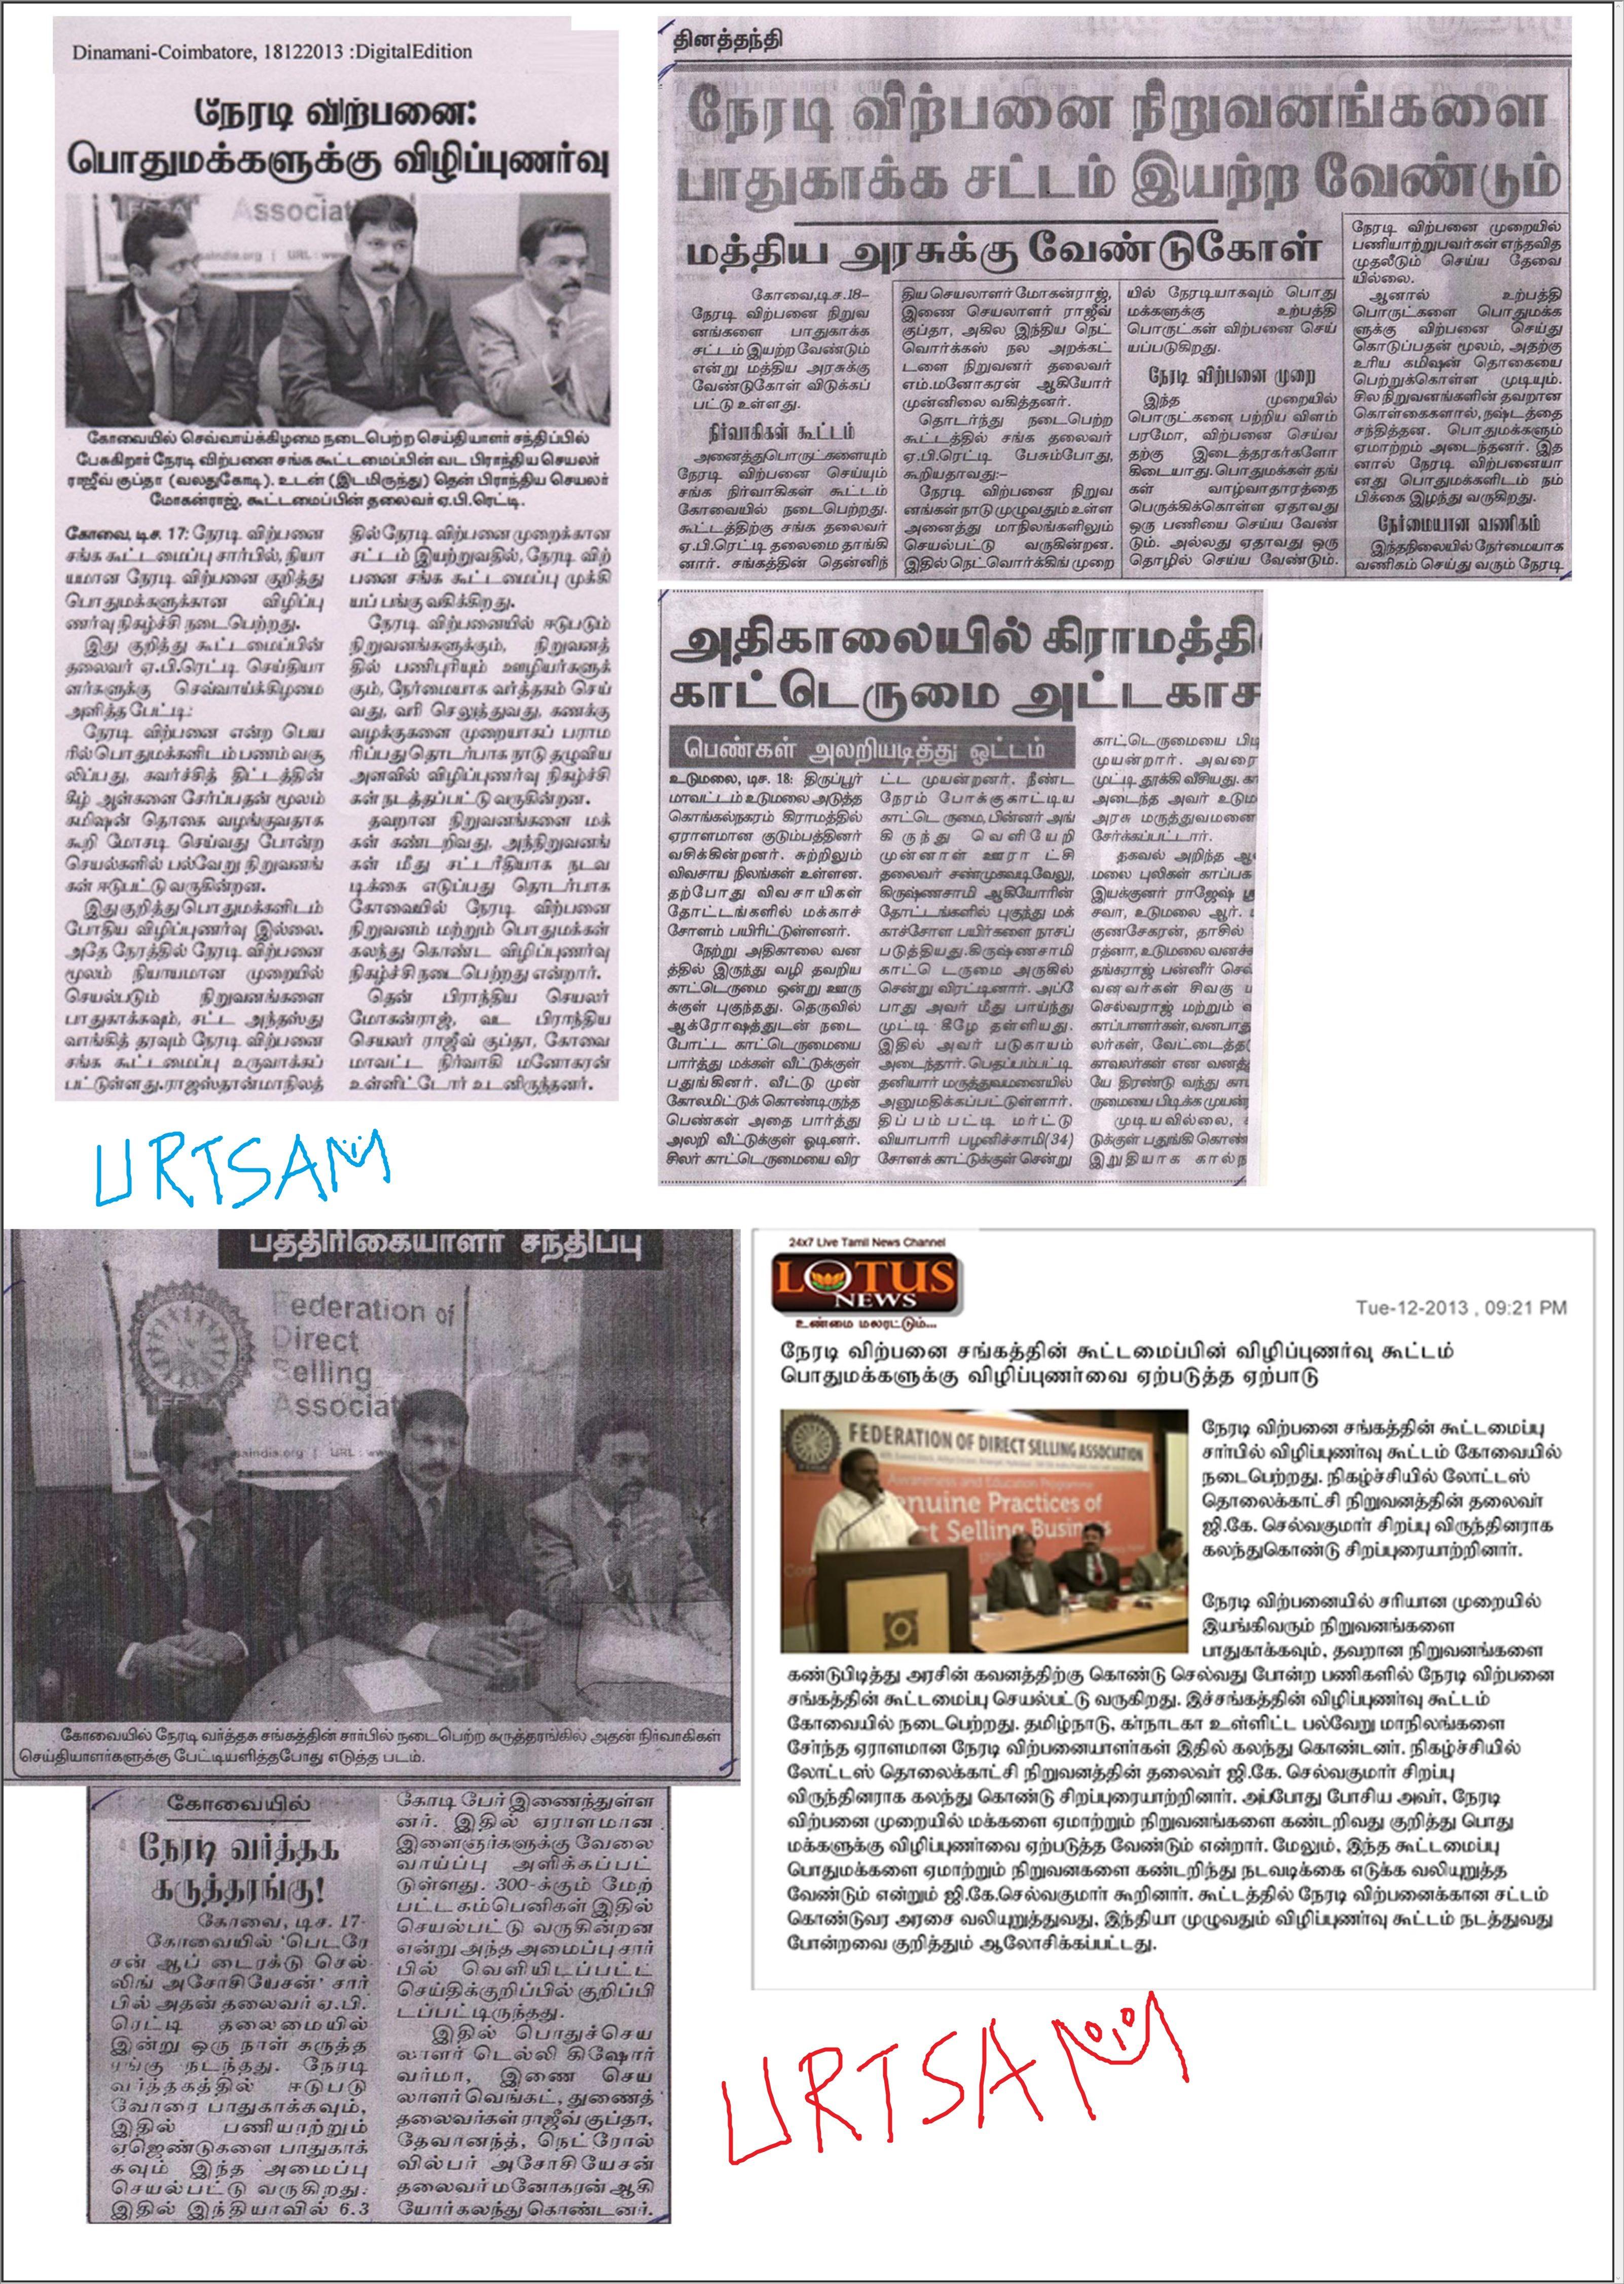 18 Dec 2013 - FDSA Organised Awareness Program in Coimbatore Tags